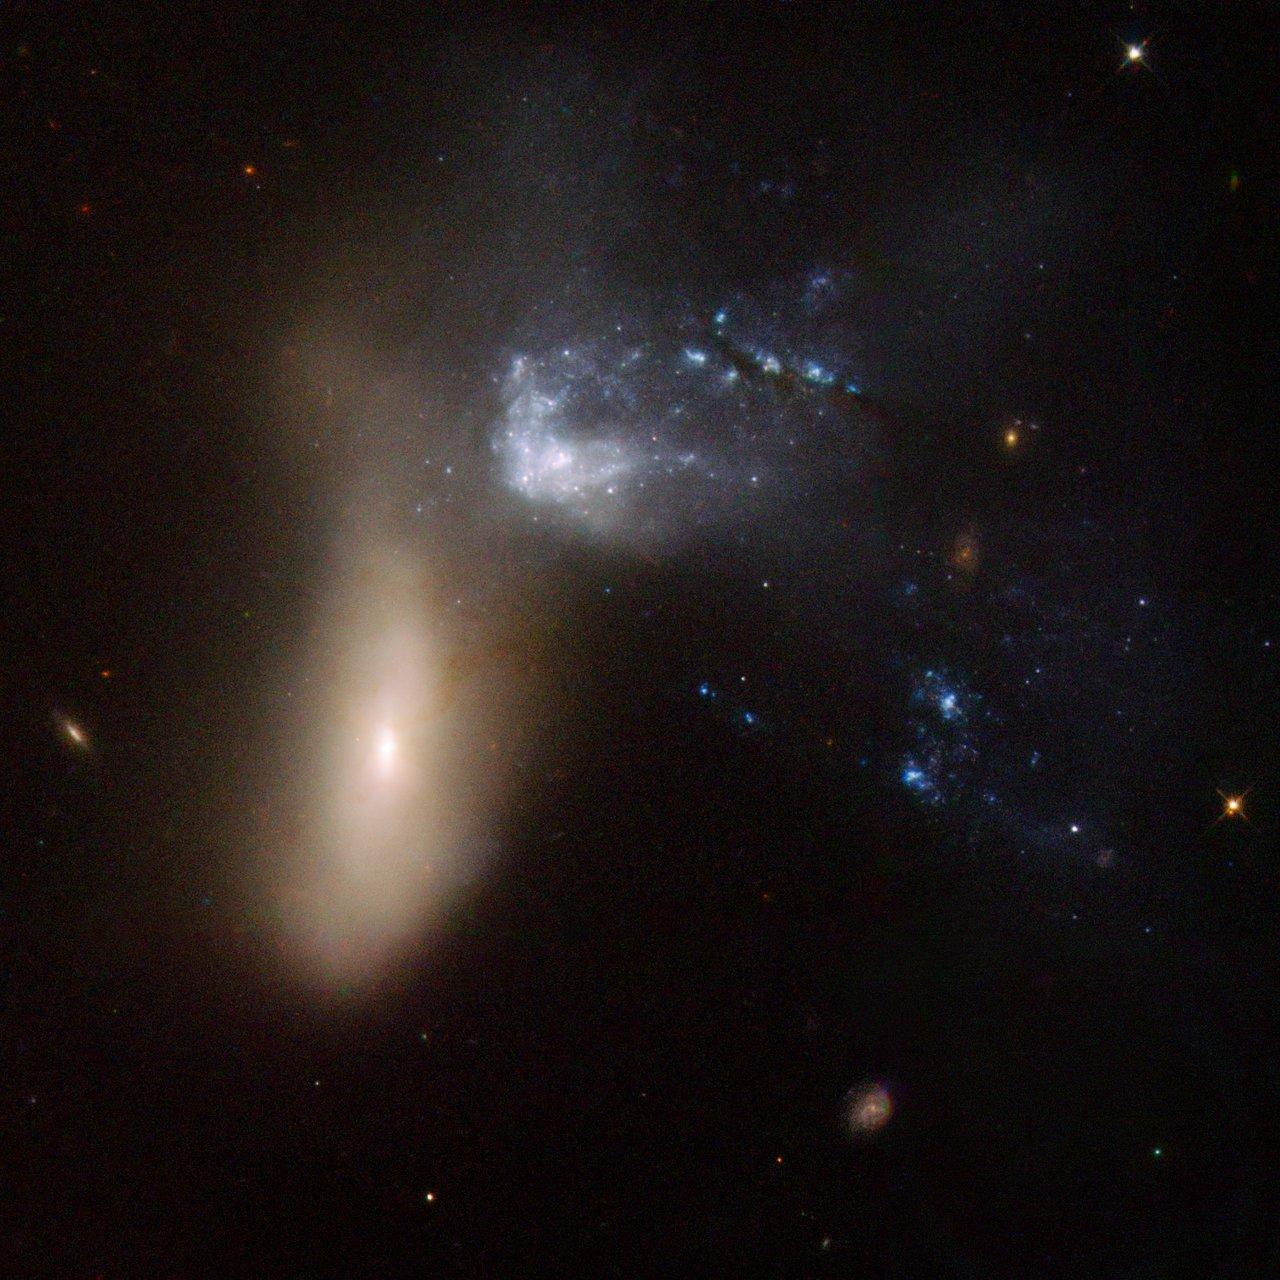 NGC 454